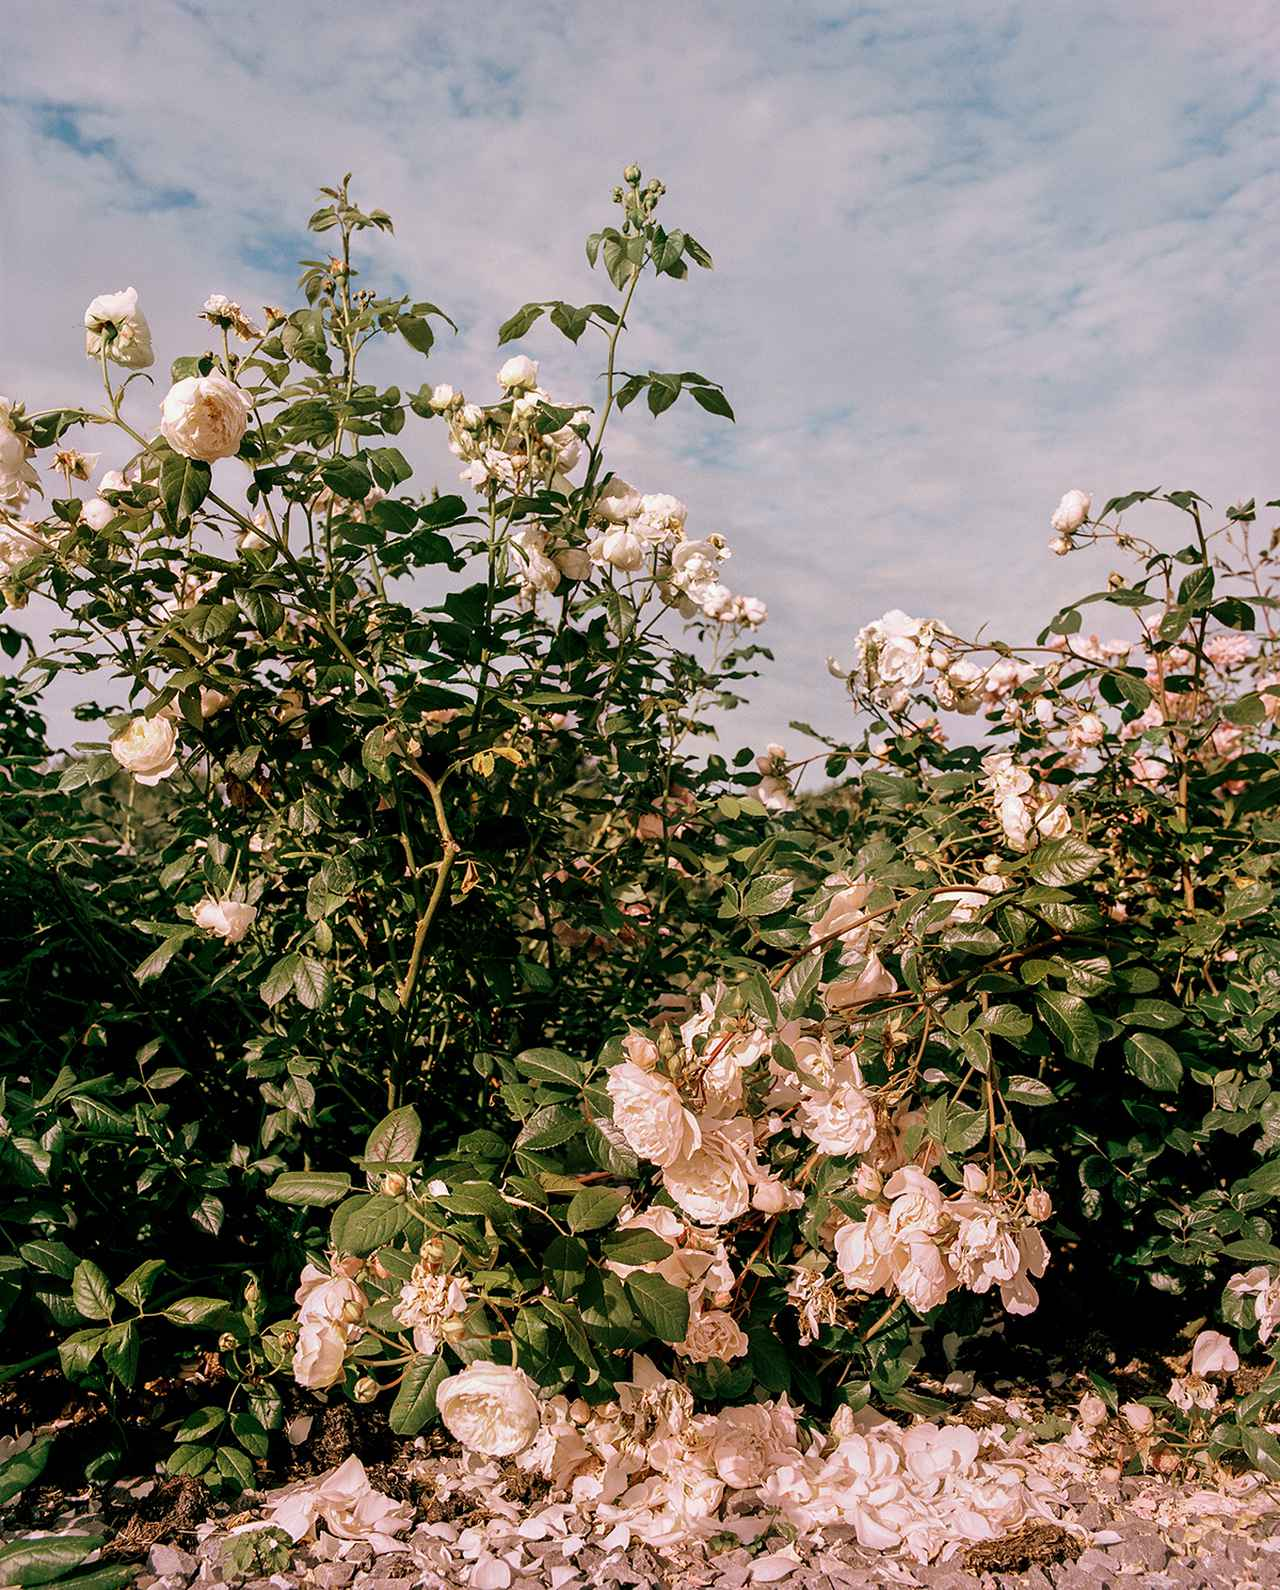 Images : 2番目の画像 - 「野花が咲き乱れ、風に揺れるーー ダン・ピアソンの自身が憩う庭」のアルバム - T JAPAN:The New York Times Style Magazine 公式サイト